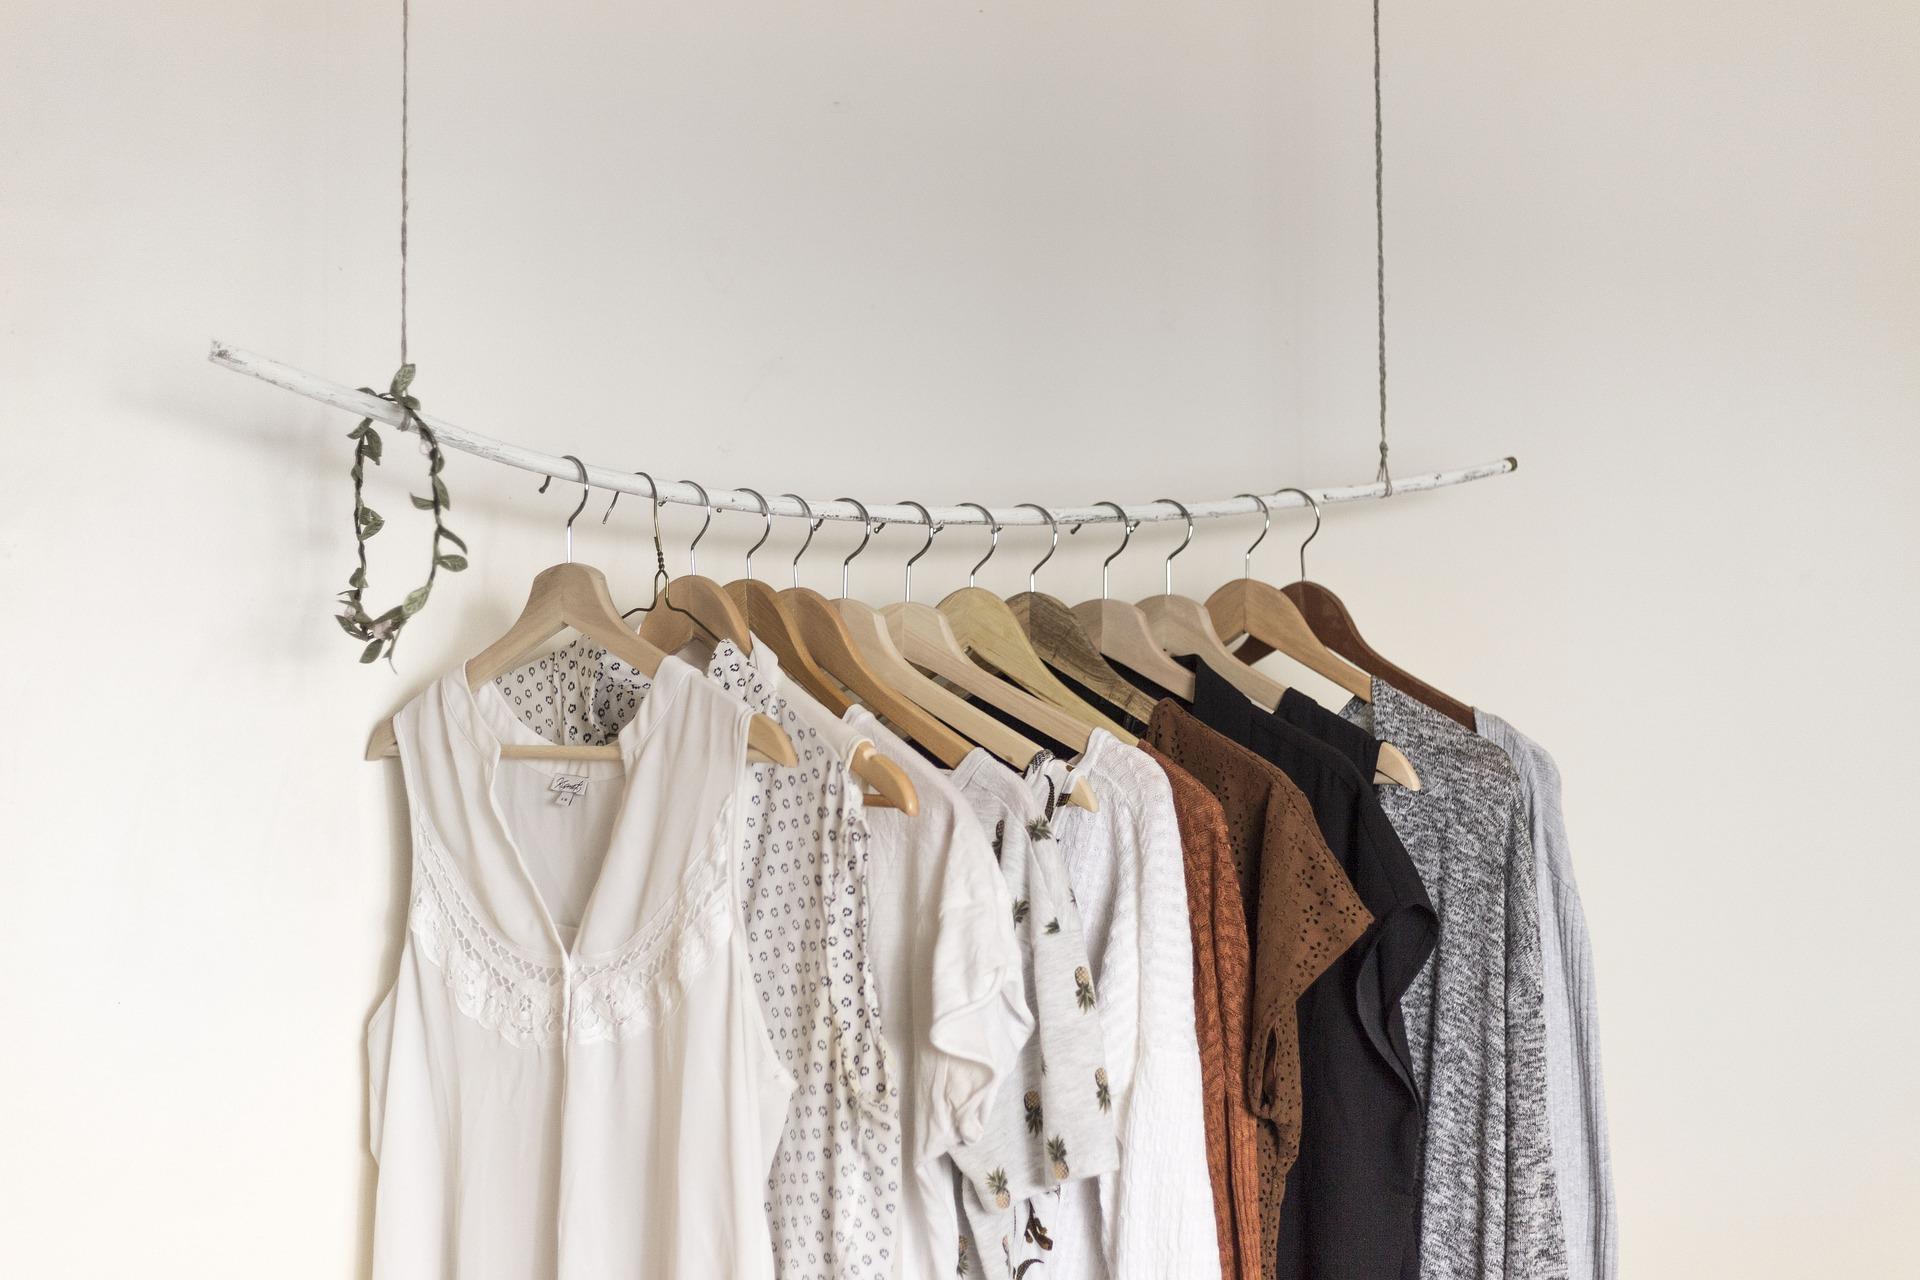 Comment trouver un bon e-commerce en vêtements ?